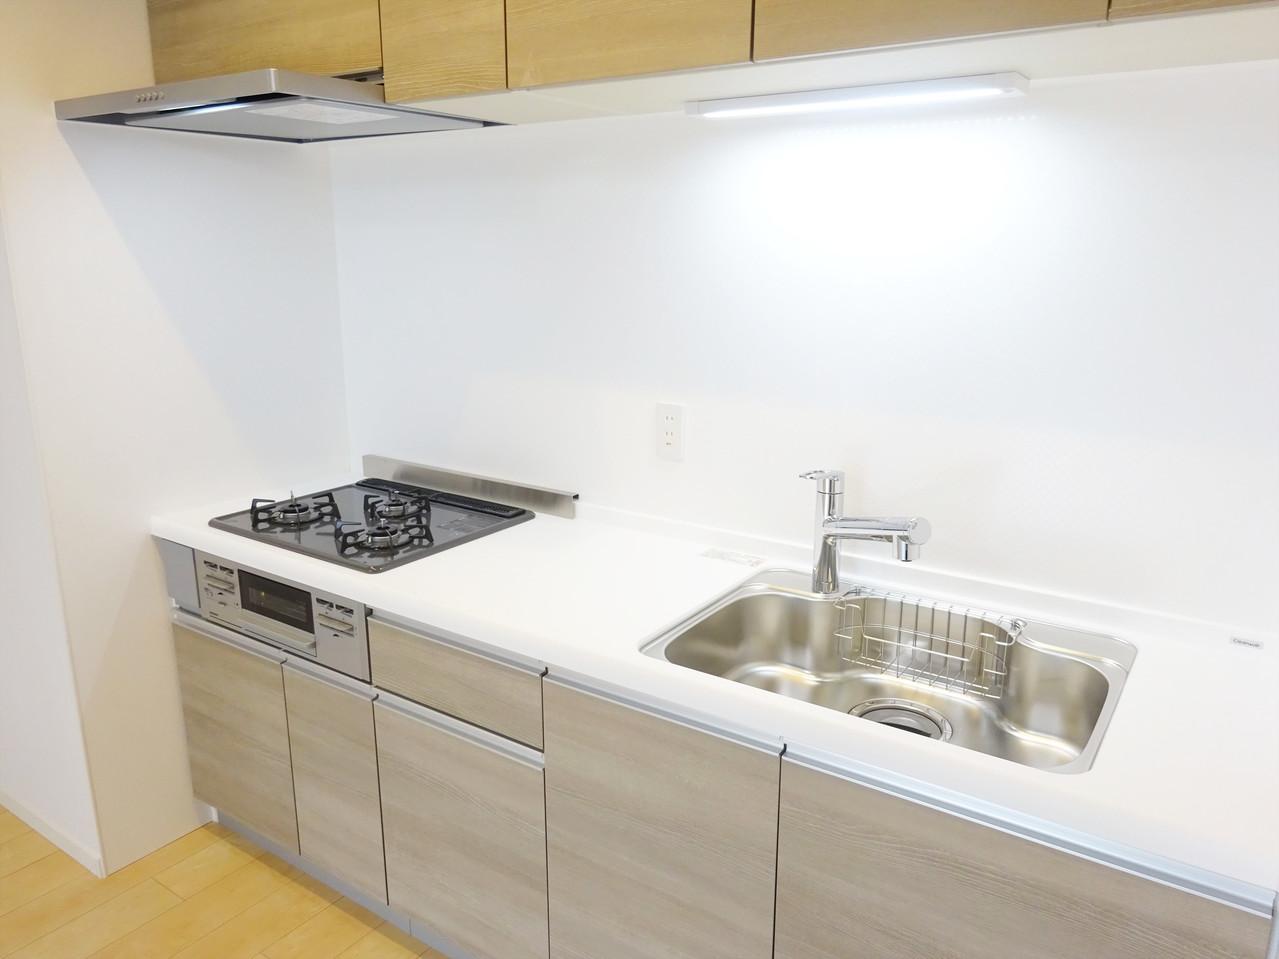 ドキっとしちゃうくらい素敵なシステムキッチン♪新規リフォームなので、新築気分を味わえちゃいますね♪ナチュラルな雰囲気がオシャレなキッチンです。